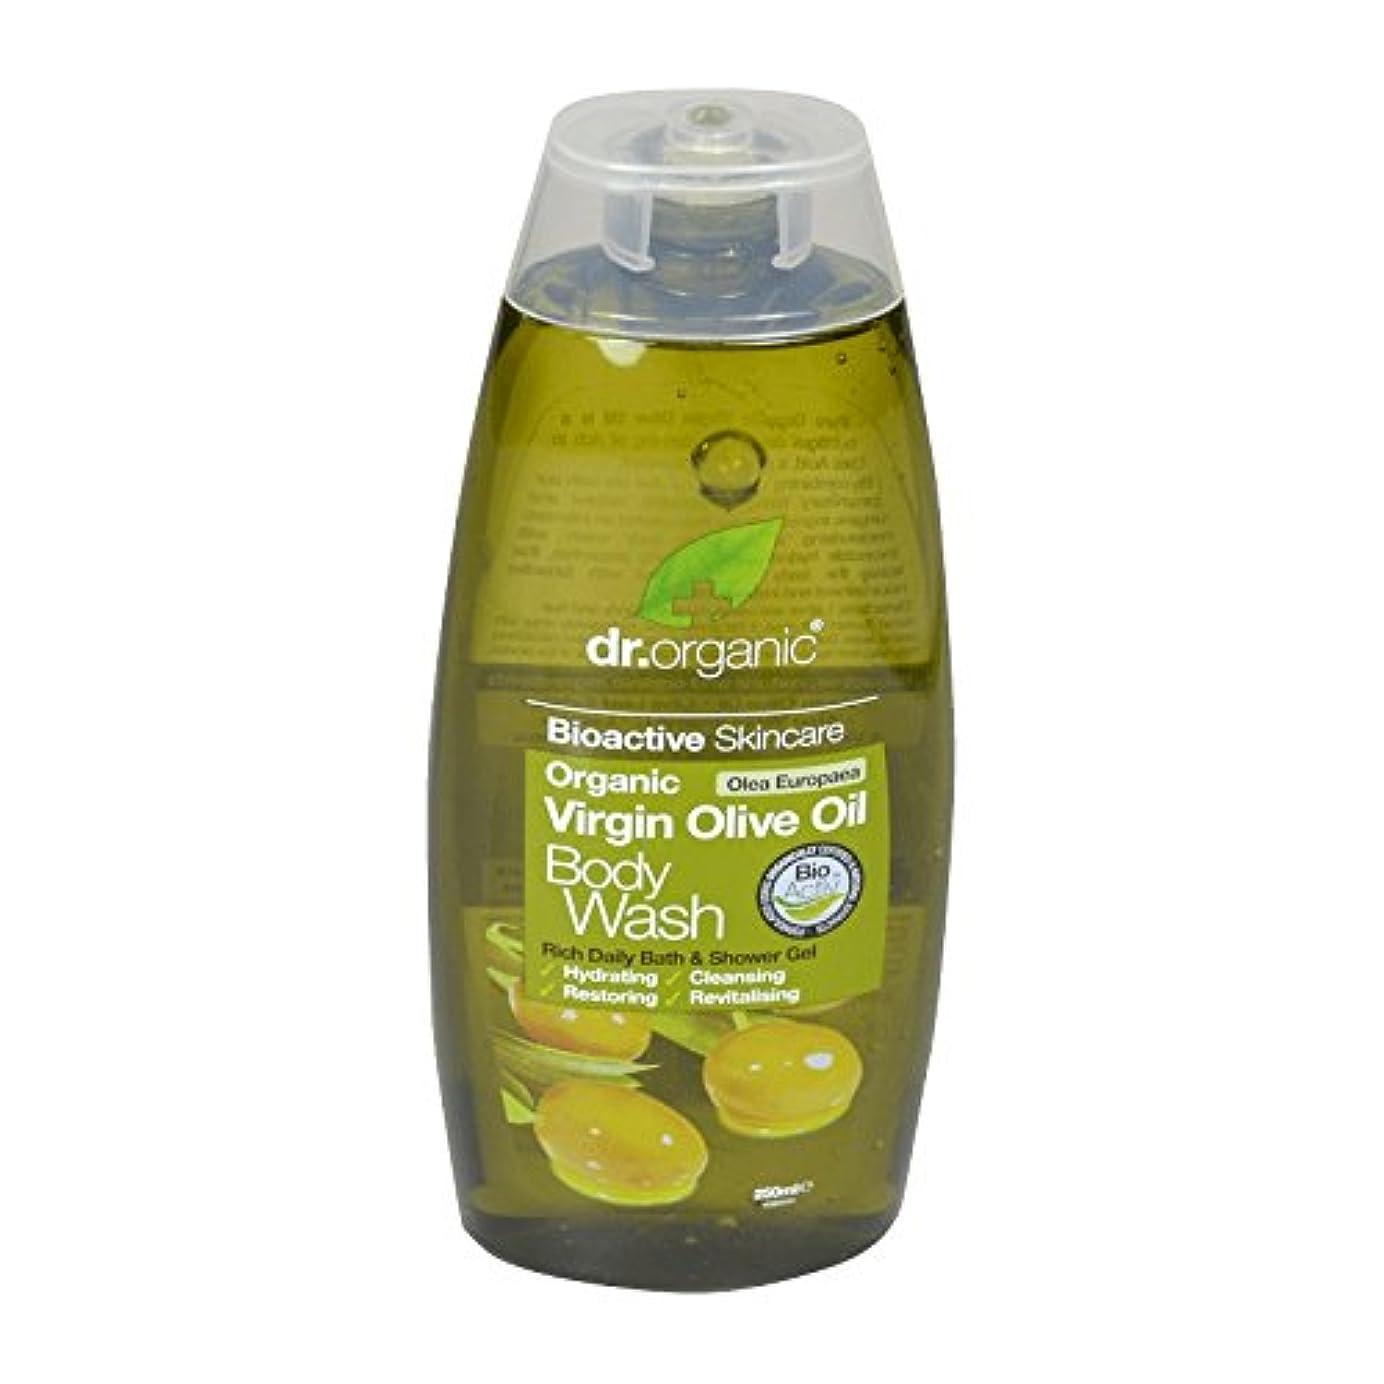 入力倒産焼くDr Organic Virgin Olive Oil Body Wash (Pack of 2) - Dr有機バージンオリーブオイルボディウォッシュ (x2) [並行輸入品]